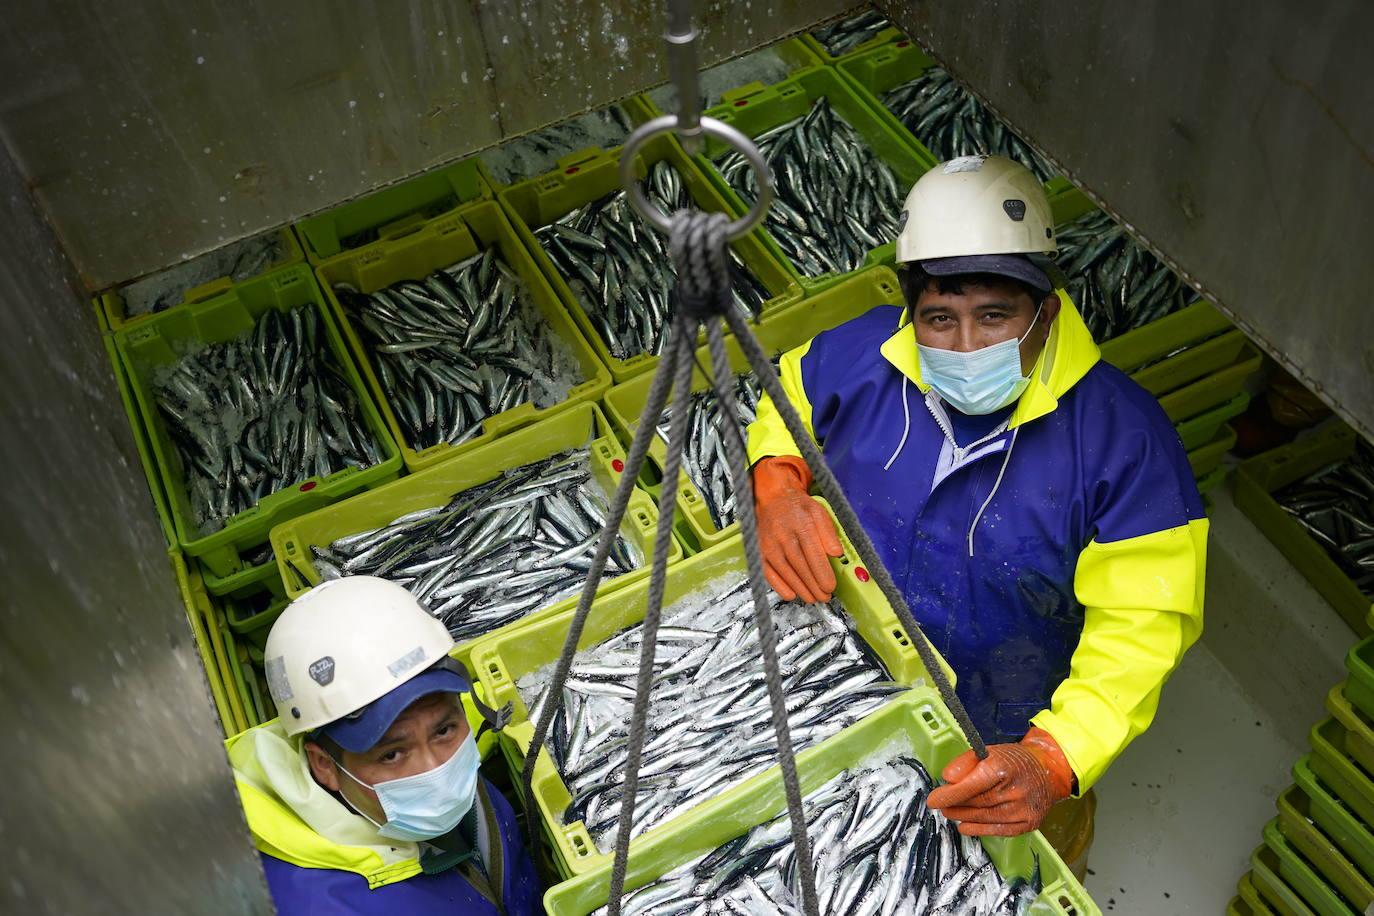 Las primeras anchoas del año se comercializan a 4,10 euros el kilo en Ondarroa